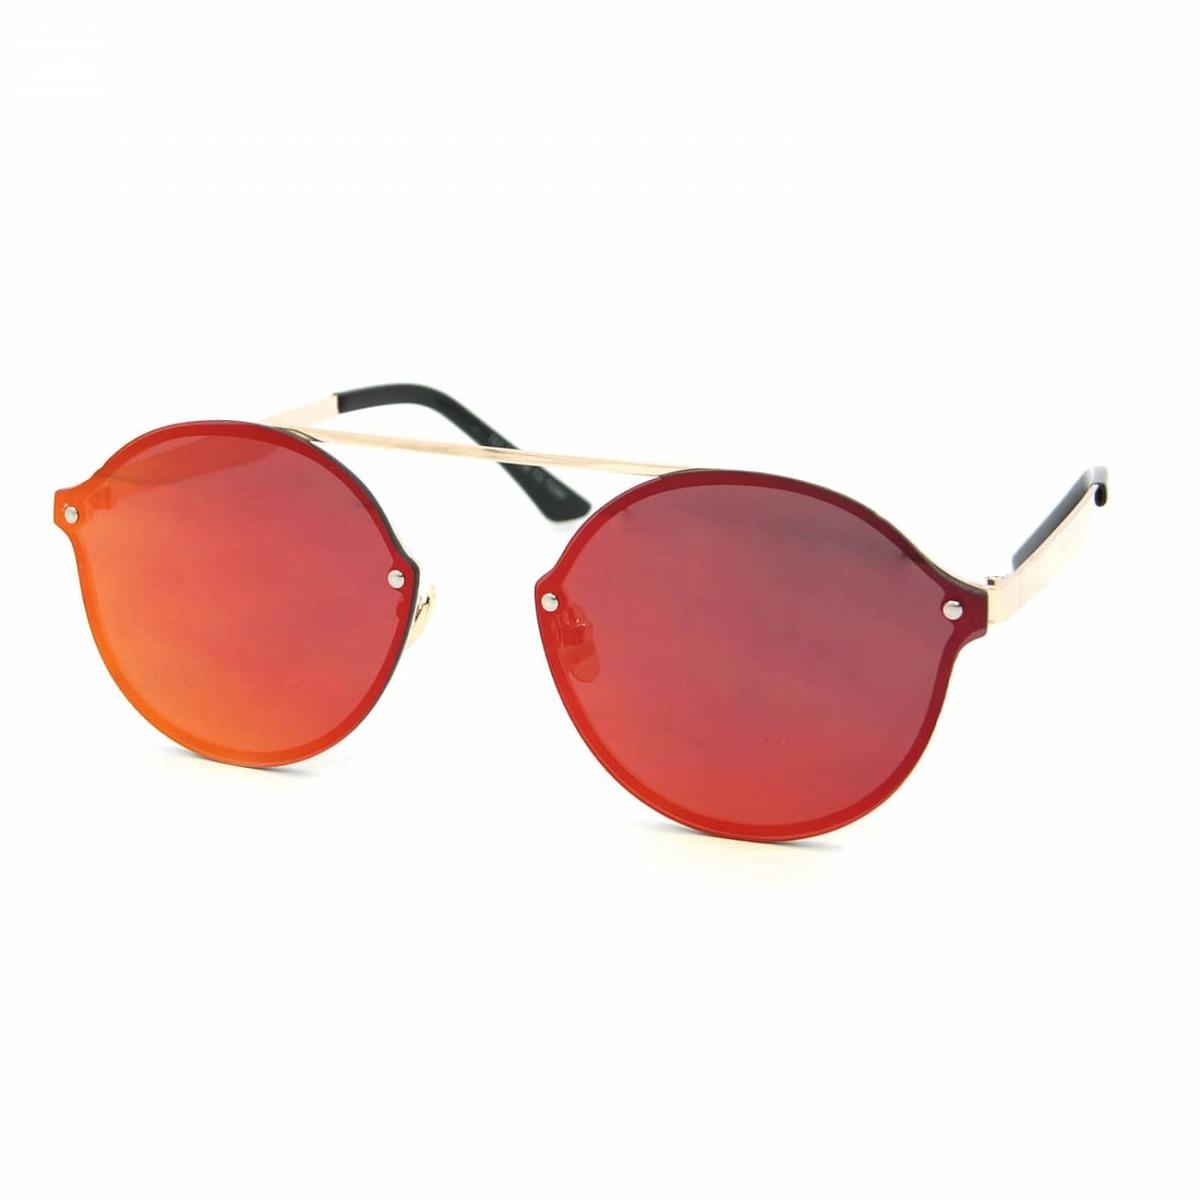 8fa5fd1fb Óculos De Sol Estilo Flat Com Lente Espelhada Rosa - R$ 114,17 em Mercado  Livre